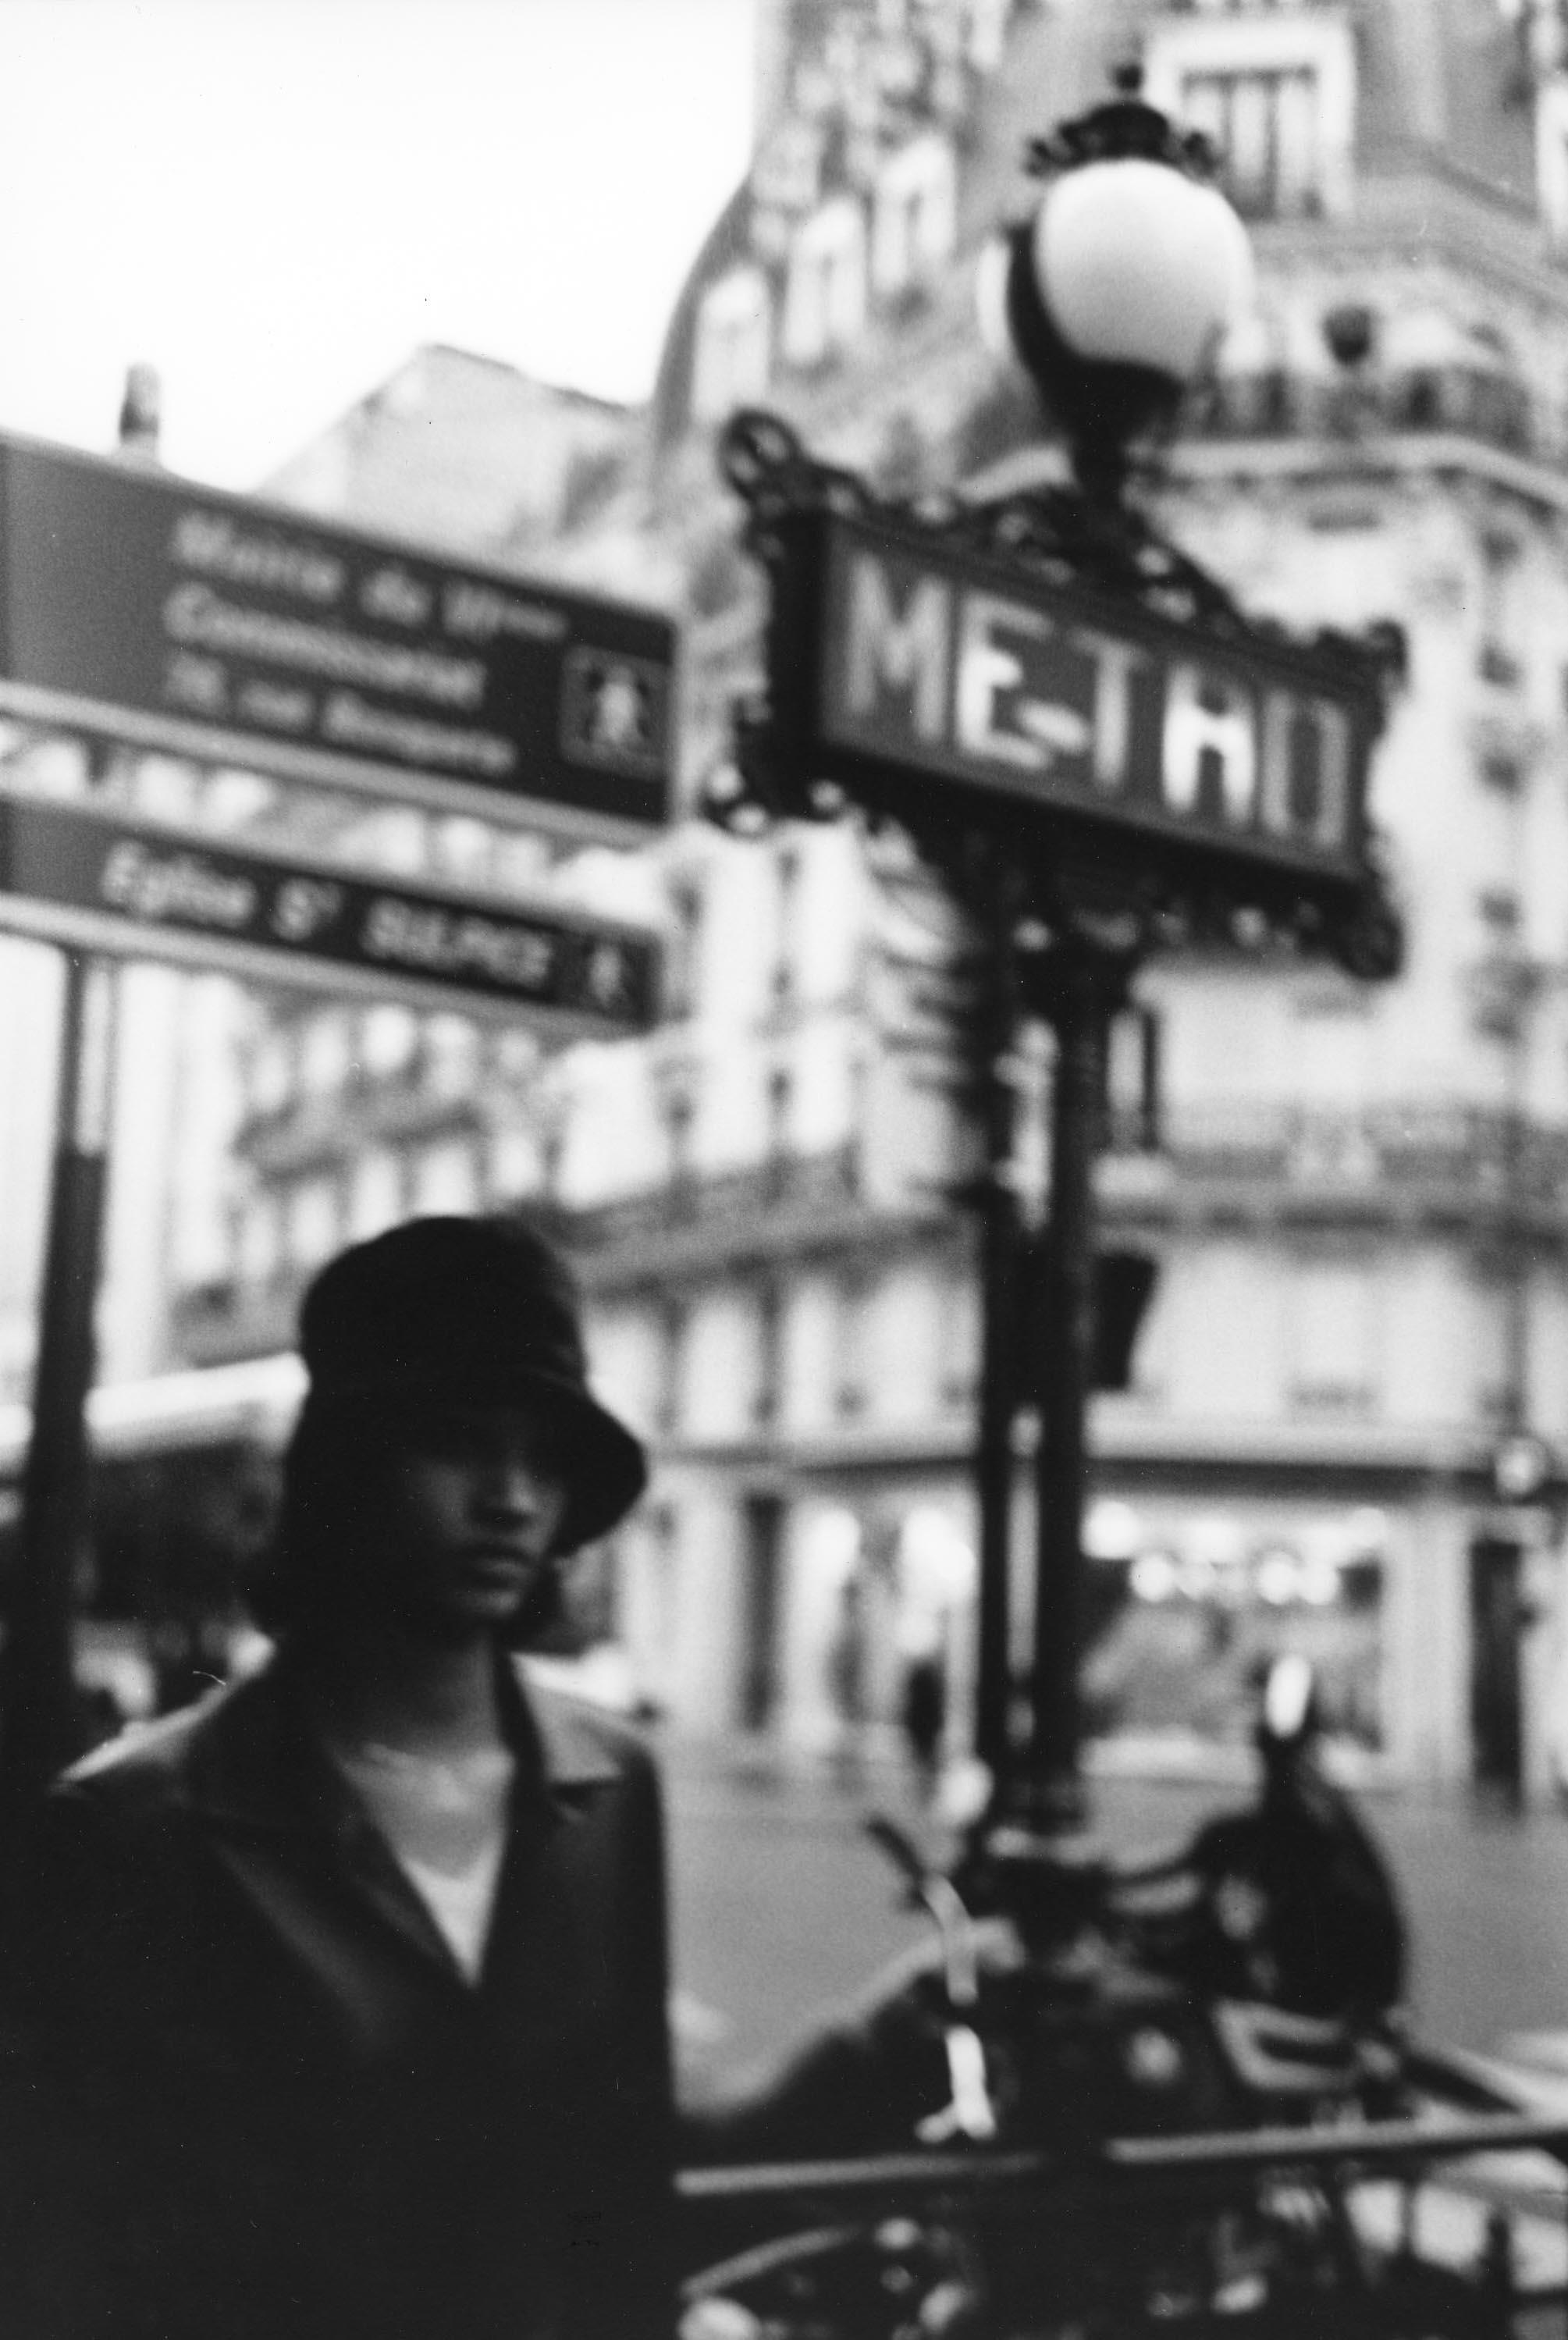 La fille floue, Paris 2001